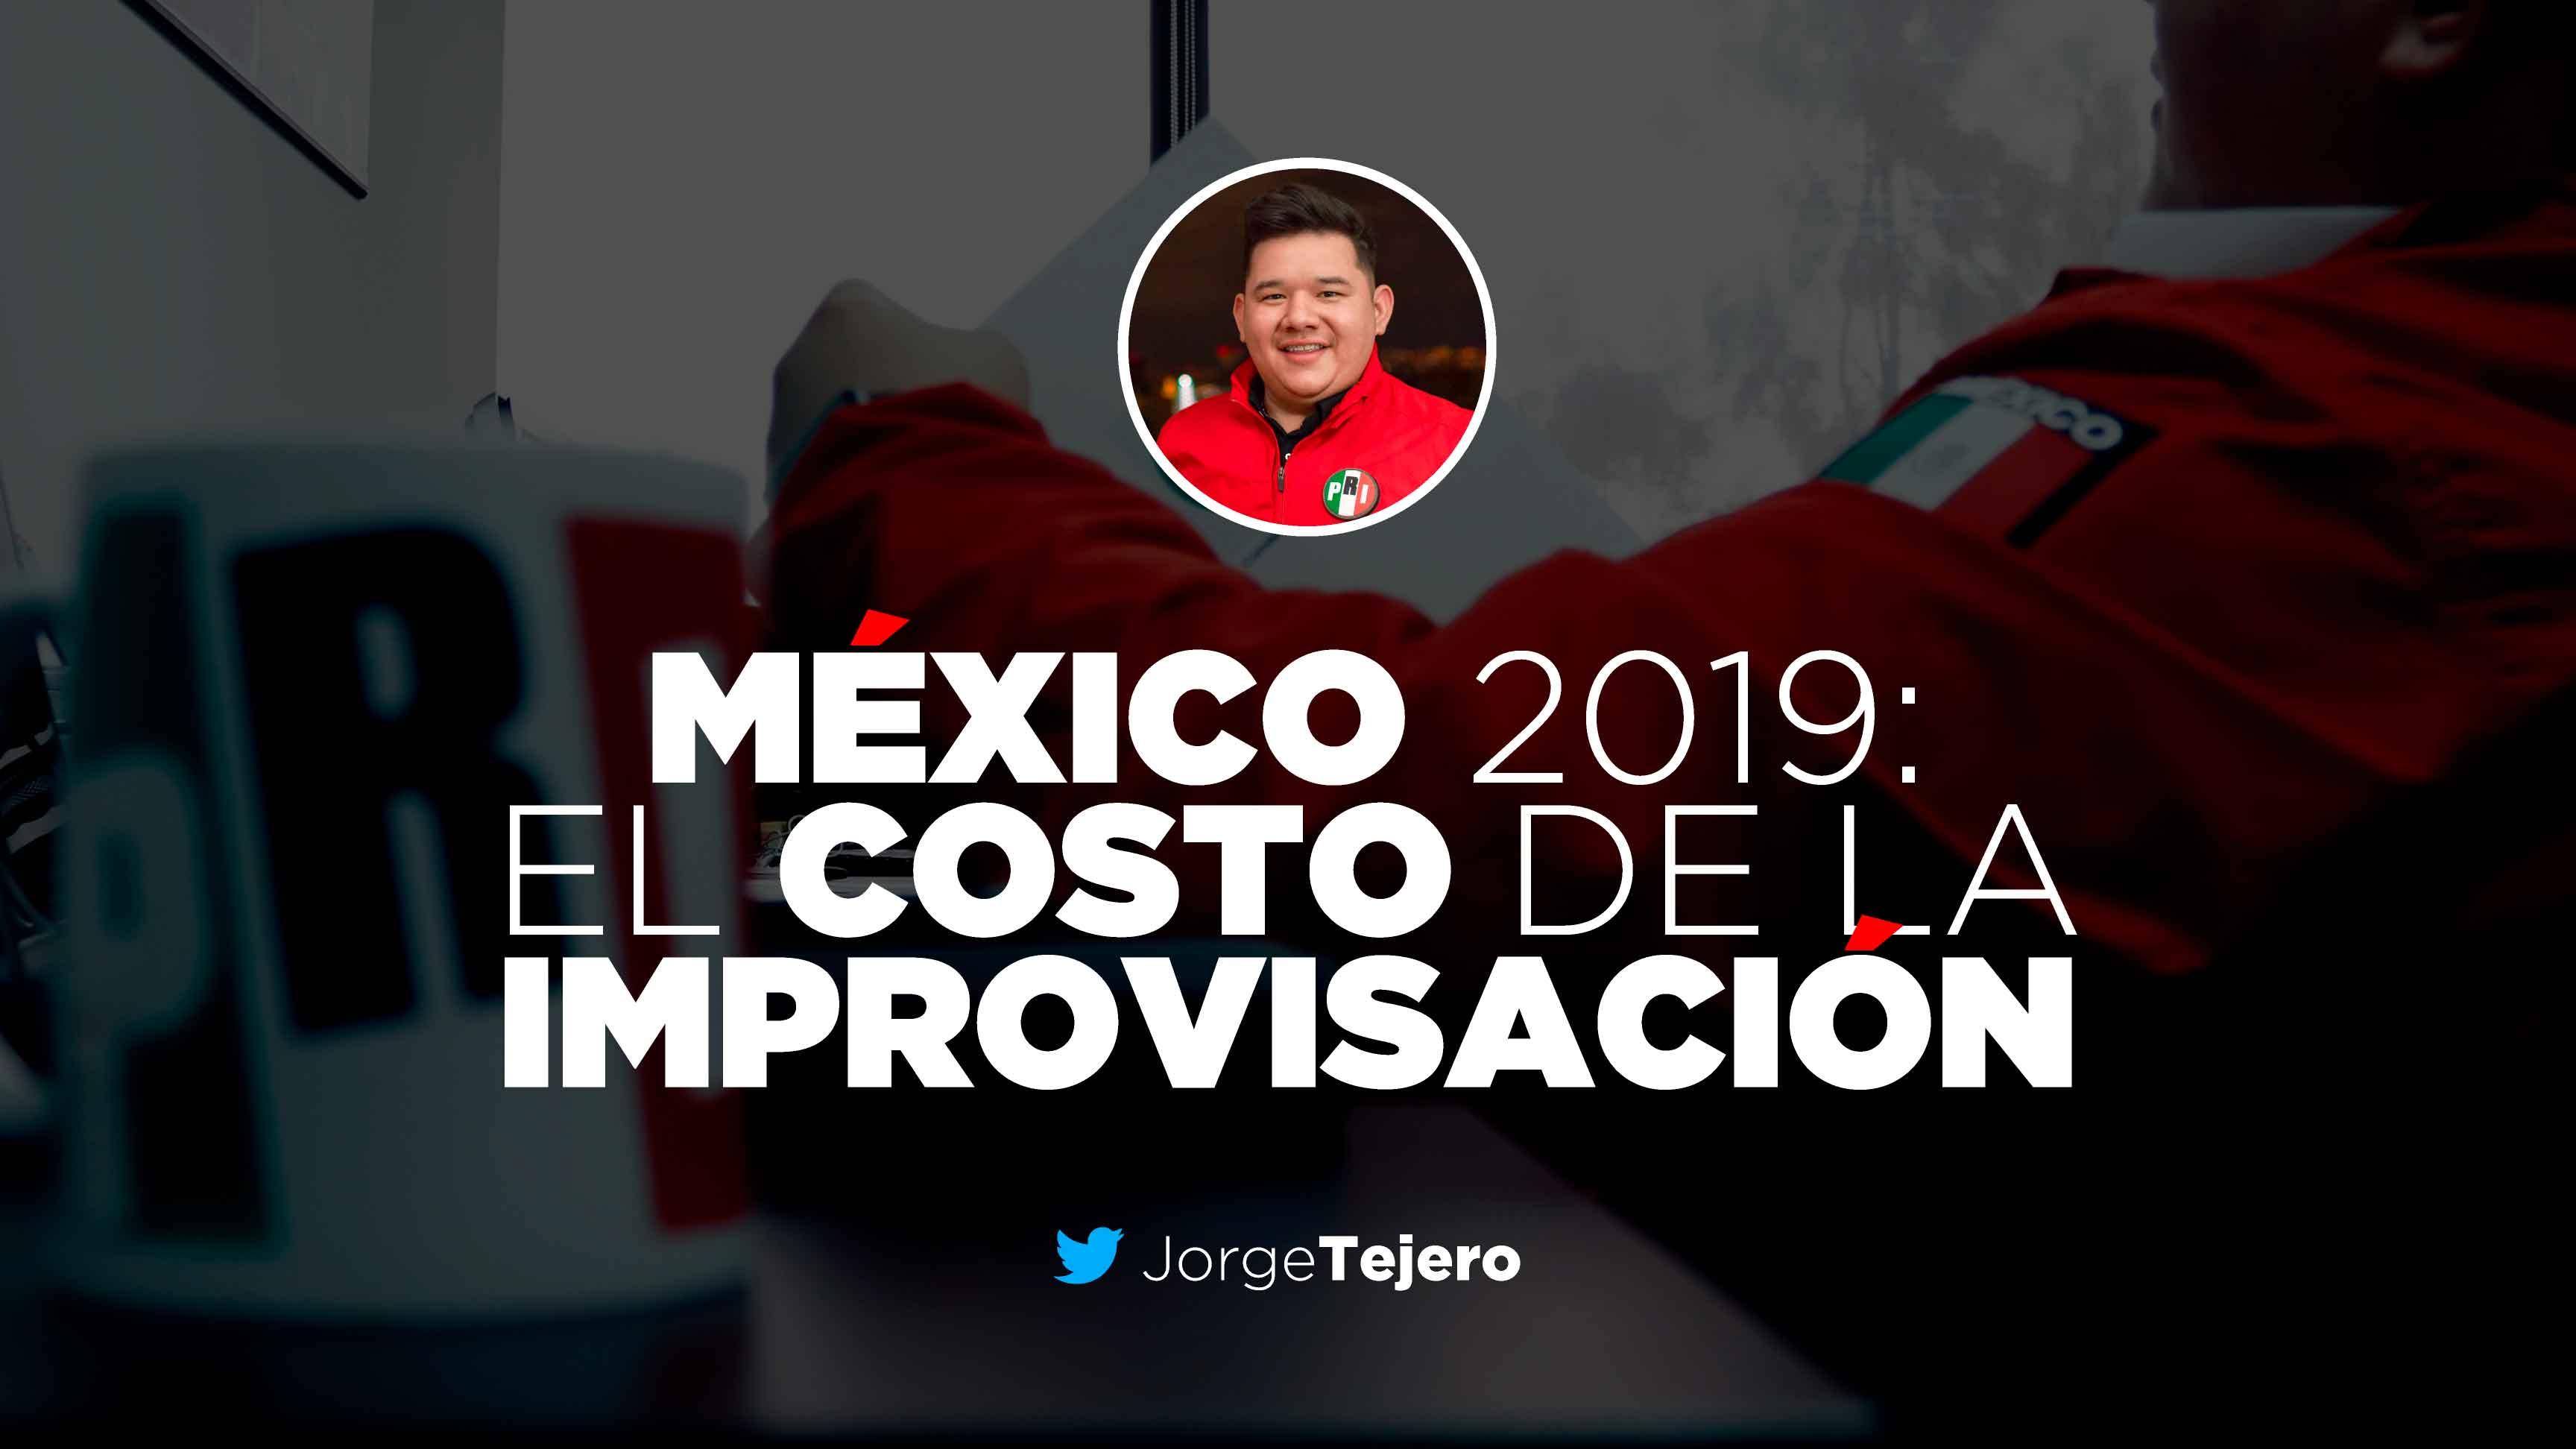 MÉXICO 2019: EL COSTO DE LA IMPROVISACIÓN.